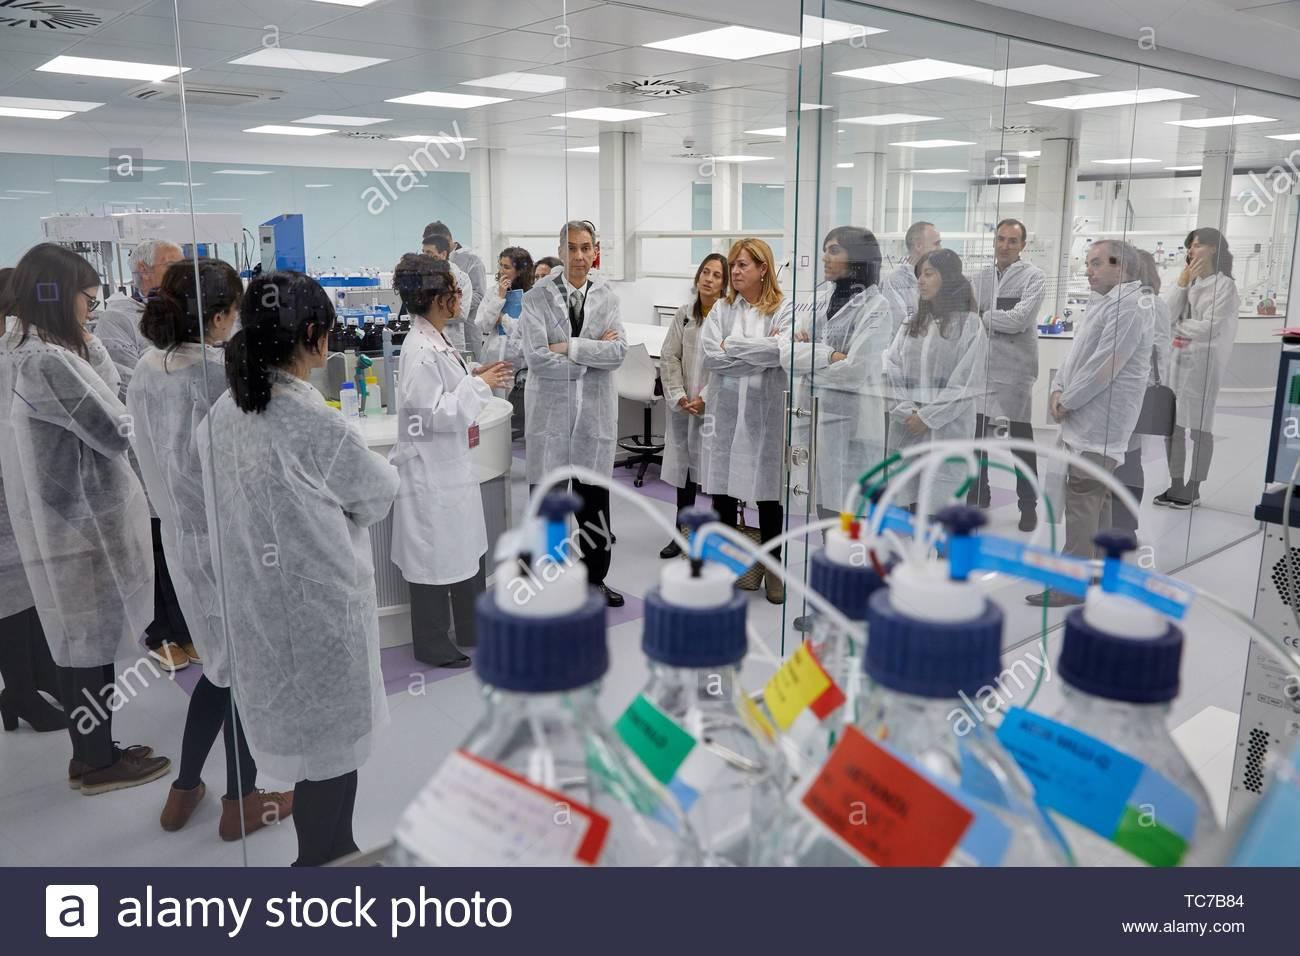 Inauguration des nouveaux laboratoires de développement pharmaceutique, PHARMALABS BASQUE 4.0 Miñano, Alava, Pays Basque, Espagne, Europe Photo Stock